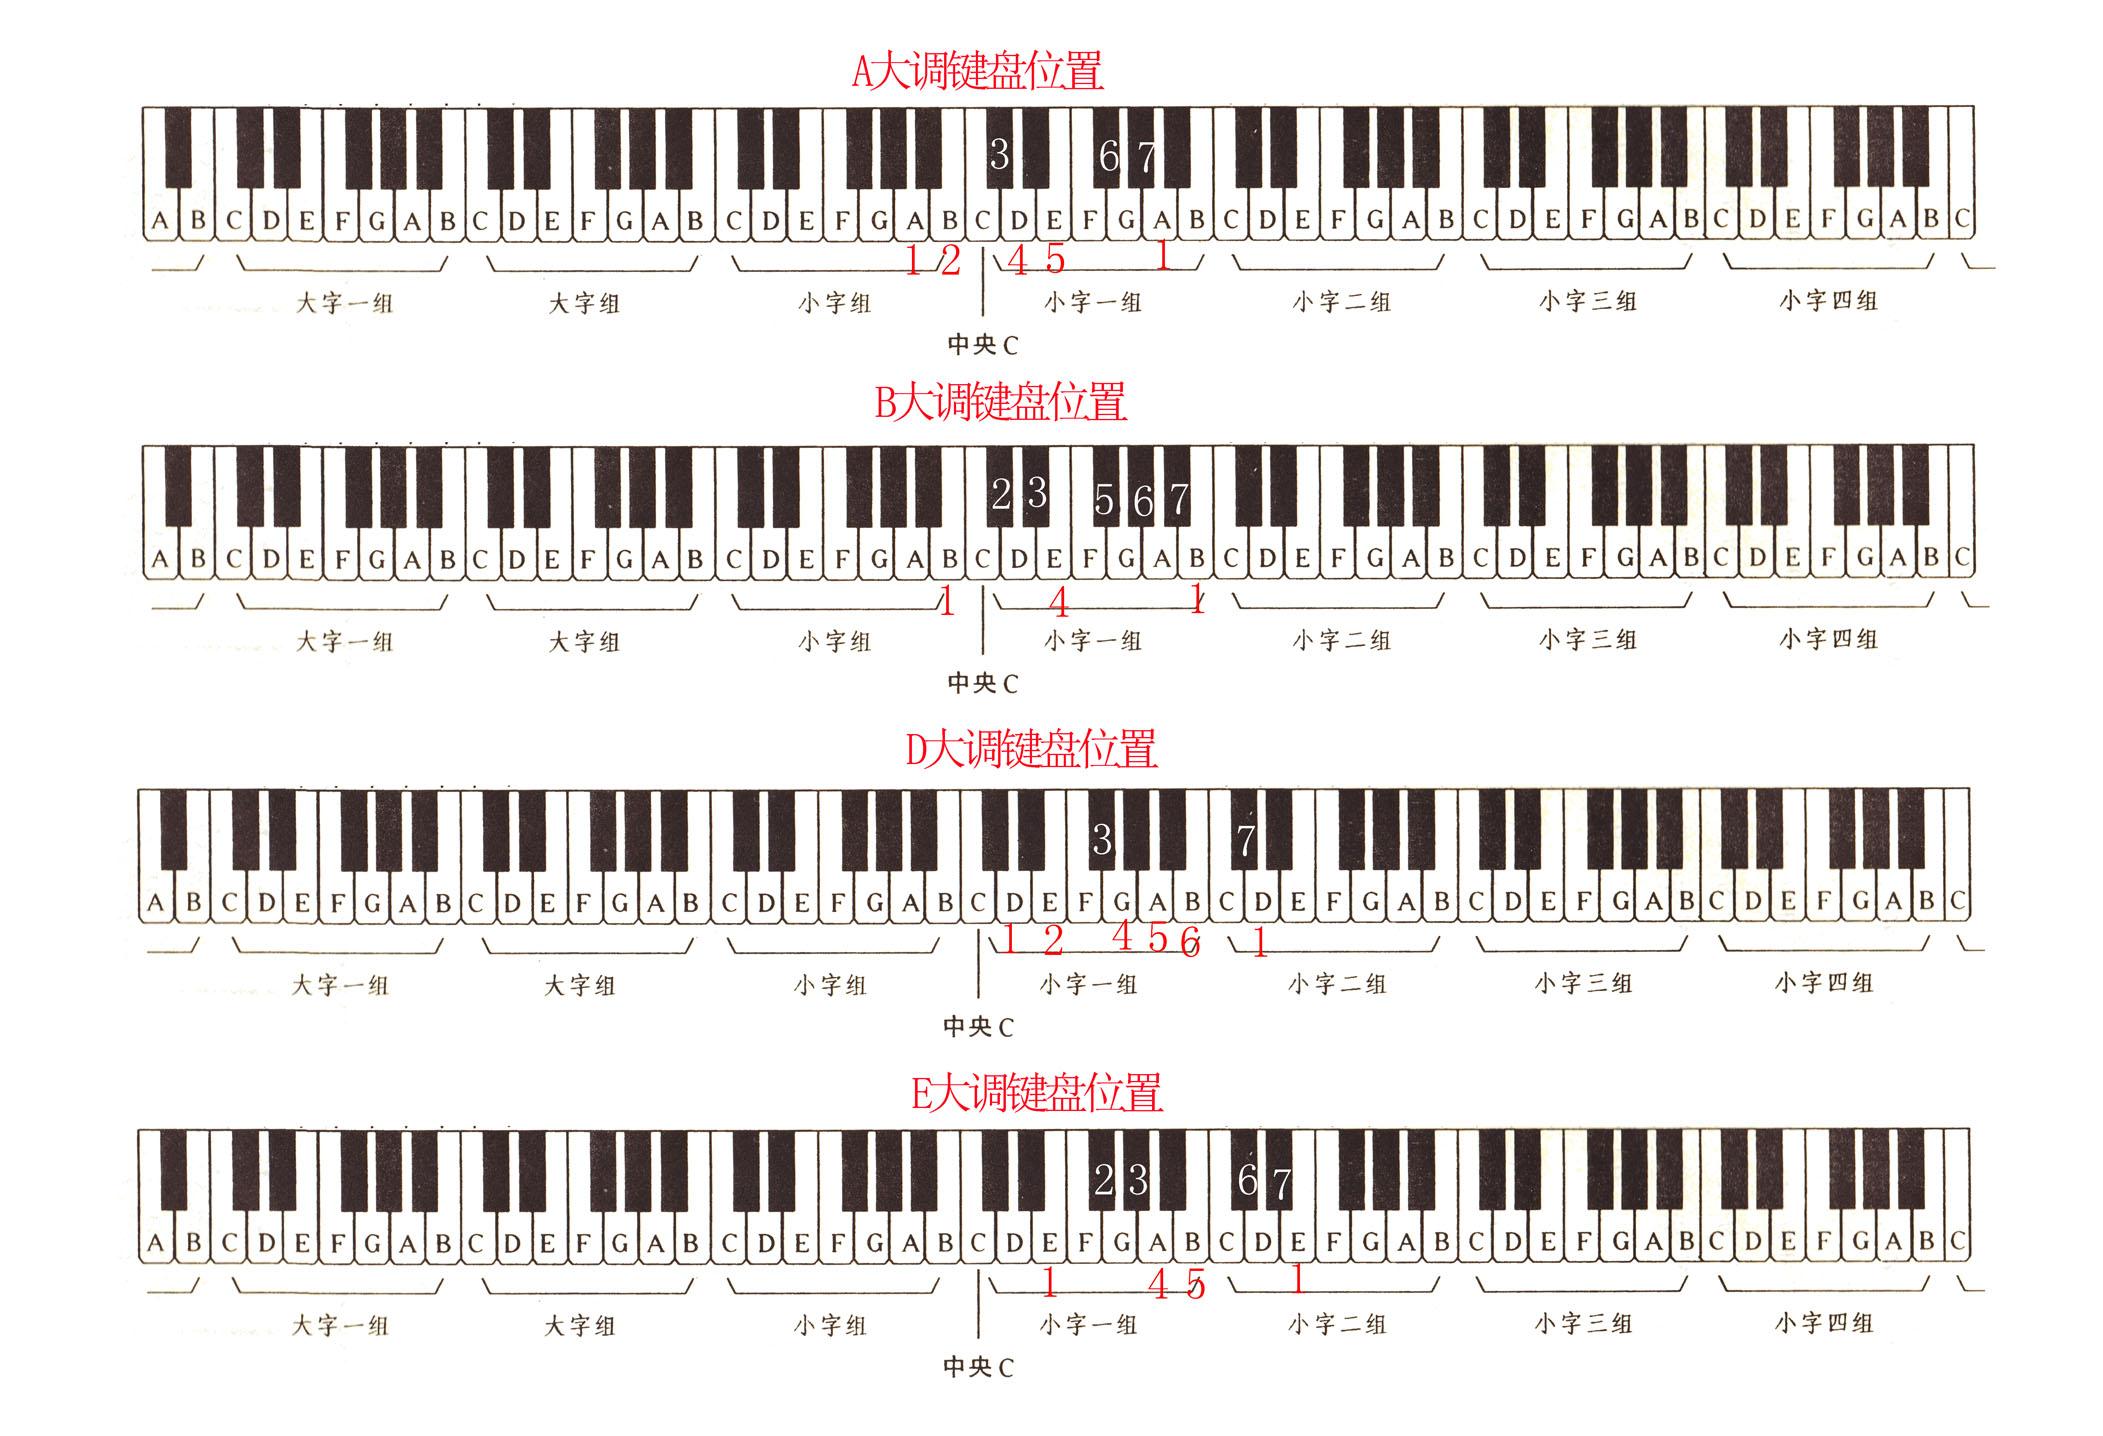 电子琴有多少个八度?急急急急急急急急急急急急急急急图片